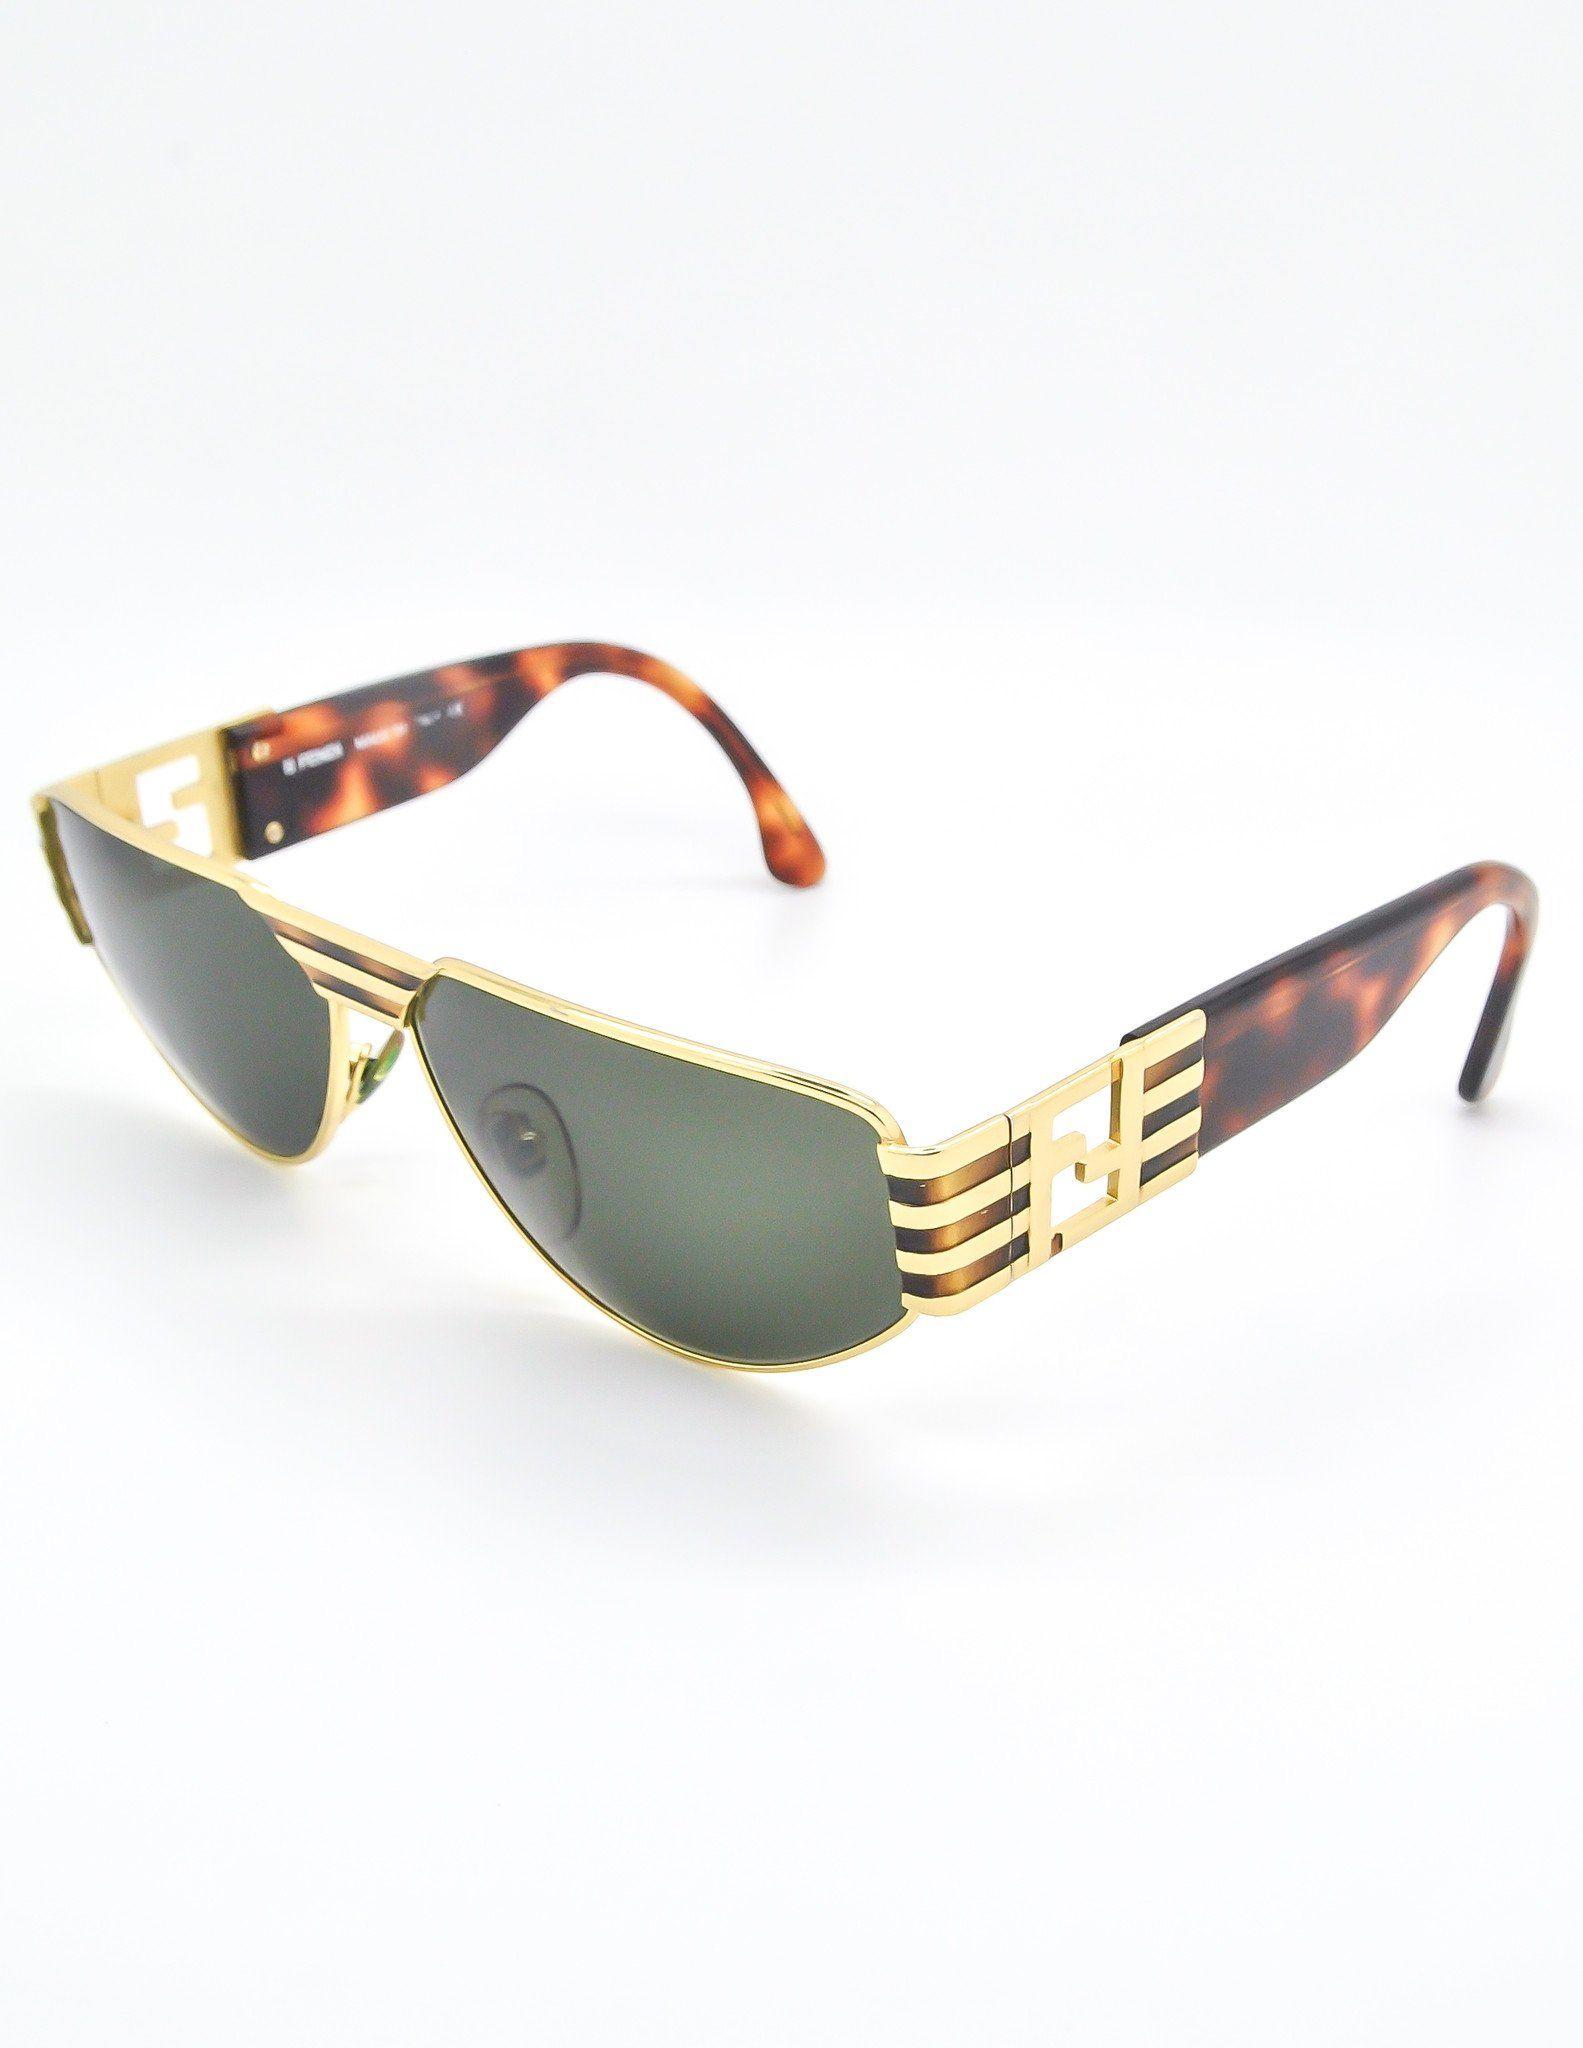 e73206acab Fendi - Vintage Gold Tortoise Logo Sunglasses FS 214